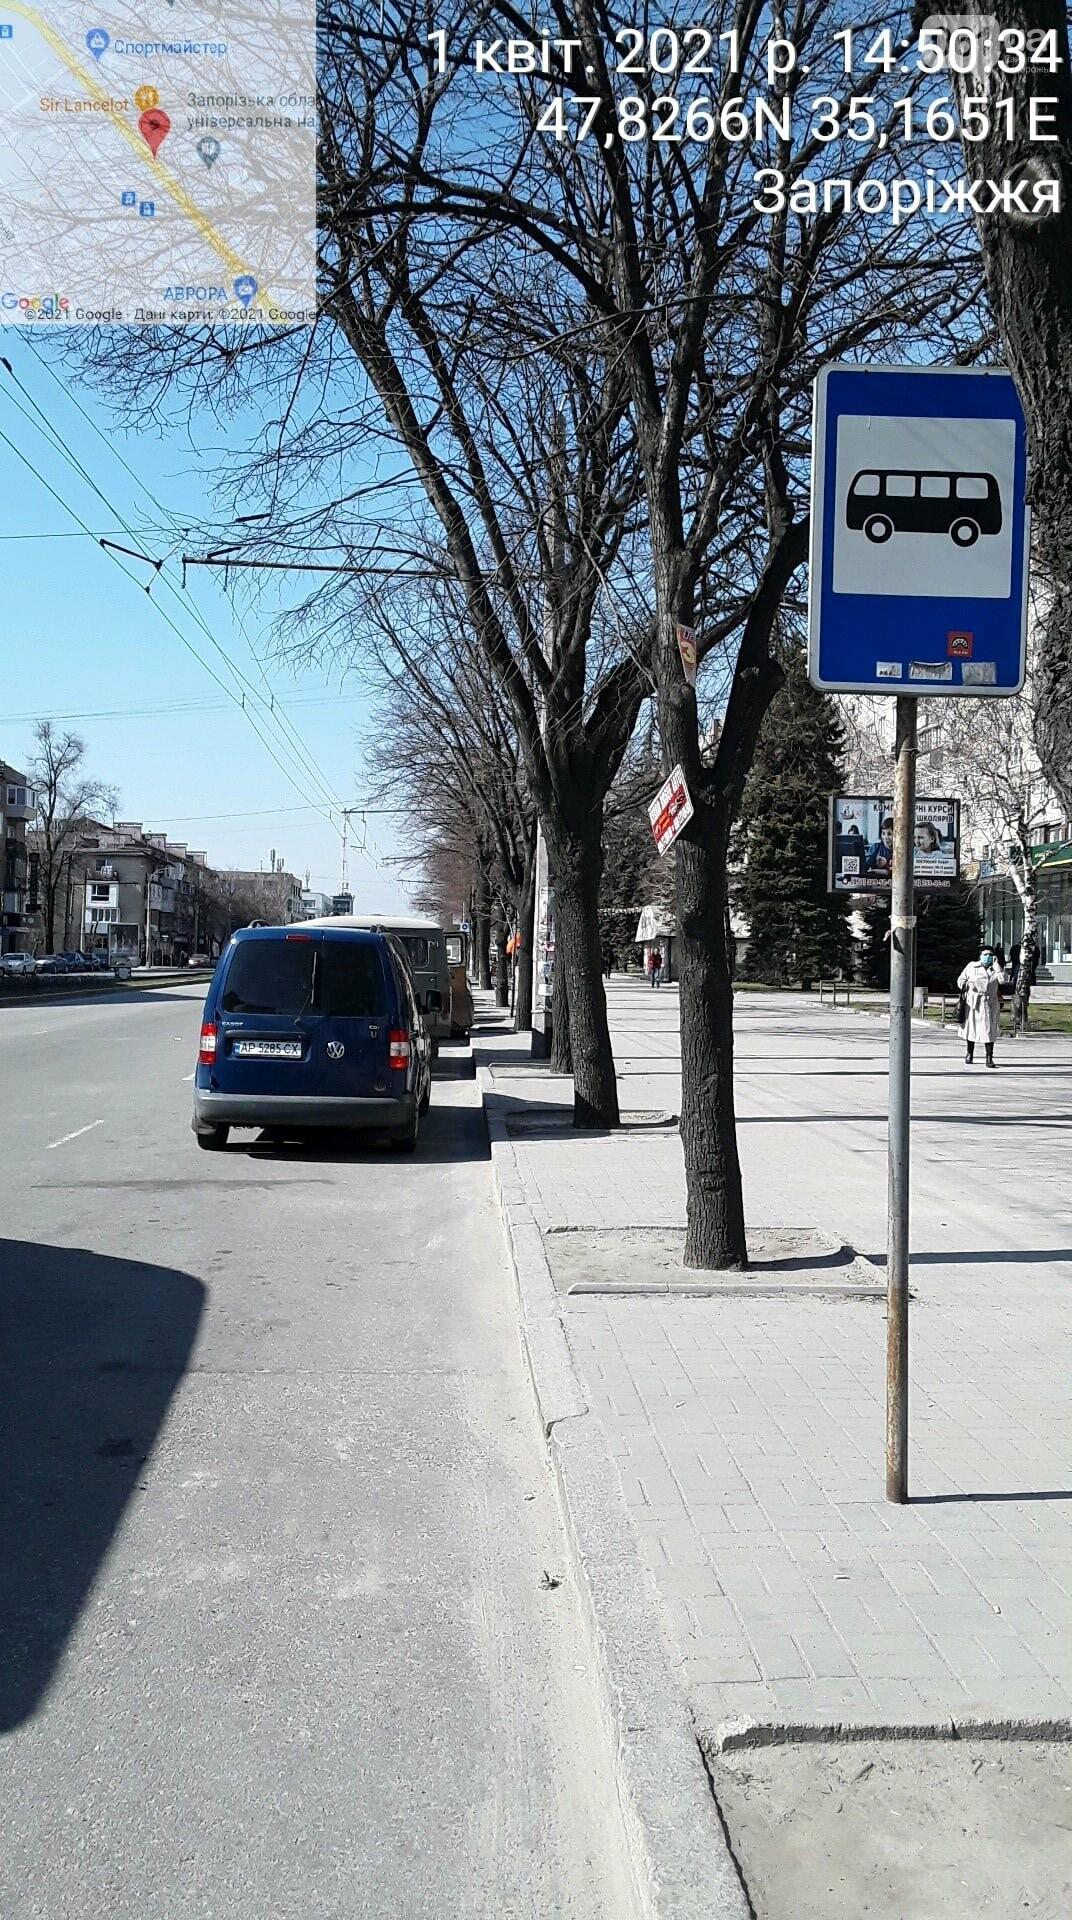 В Запорожье инспекторы по парковке выписали за неделю штрафов на 184 тысячи гривен, фото-1